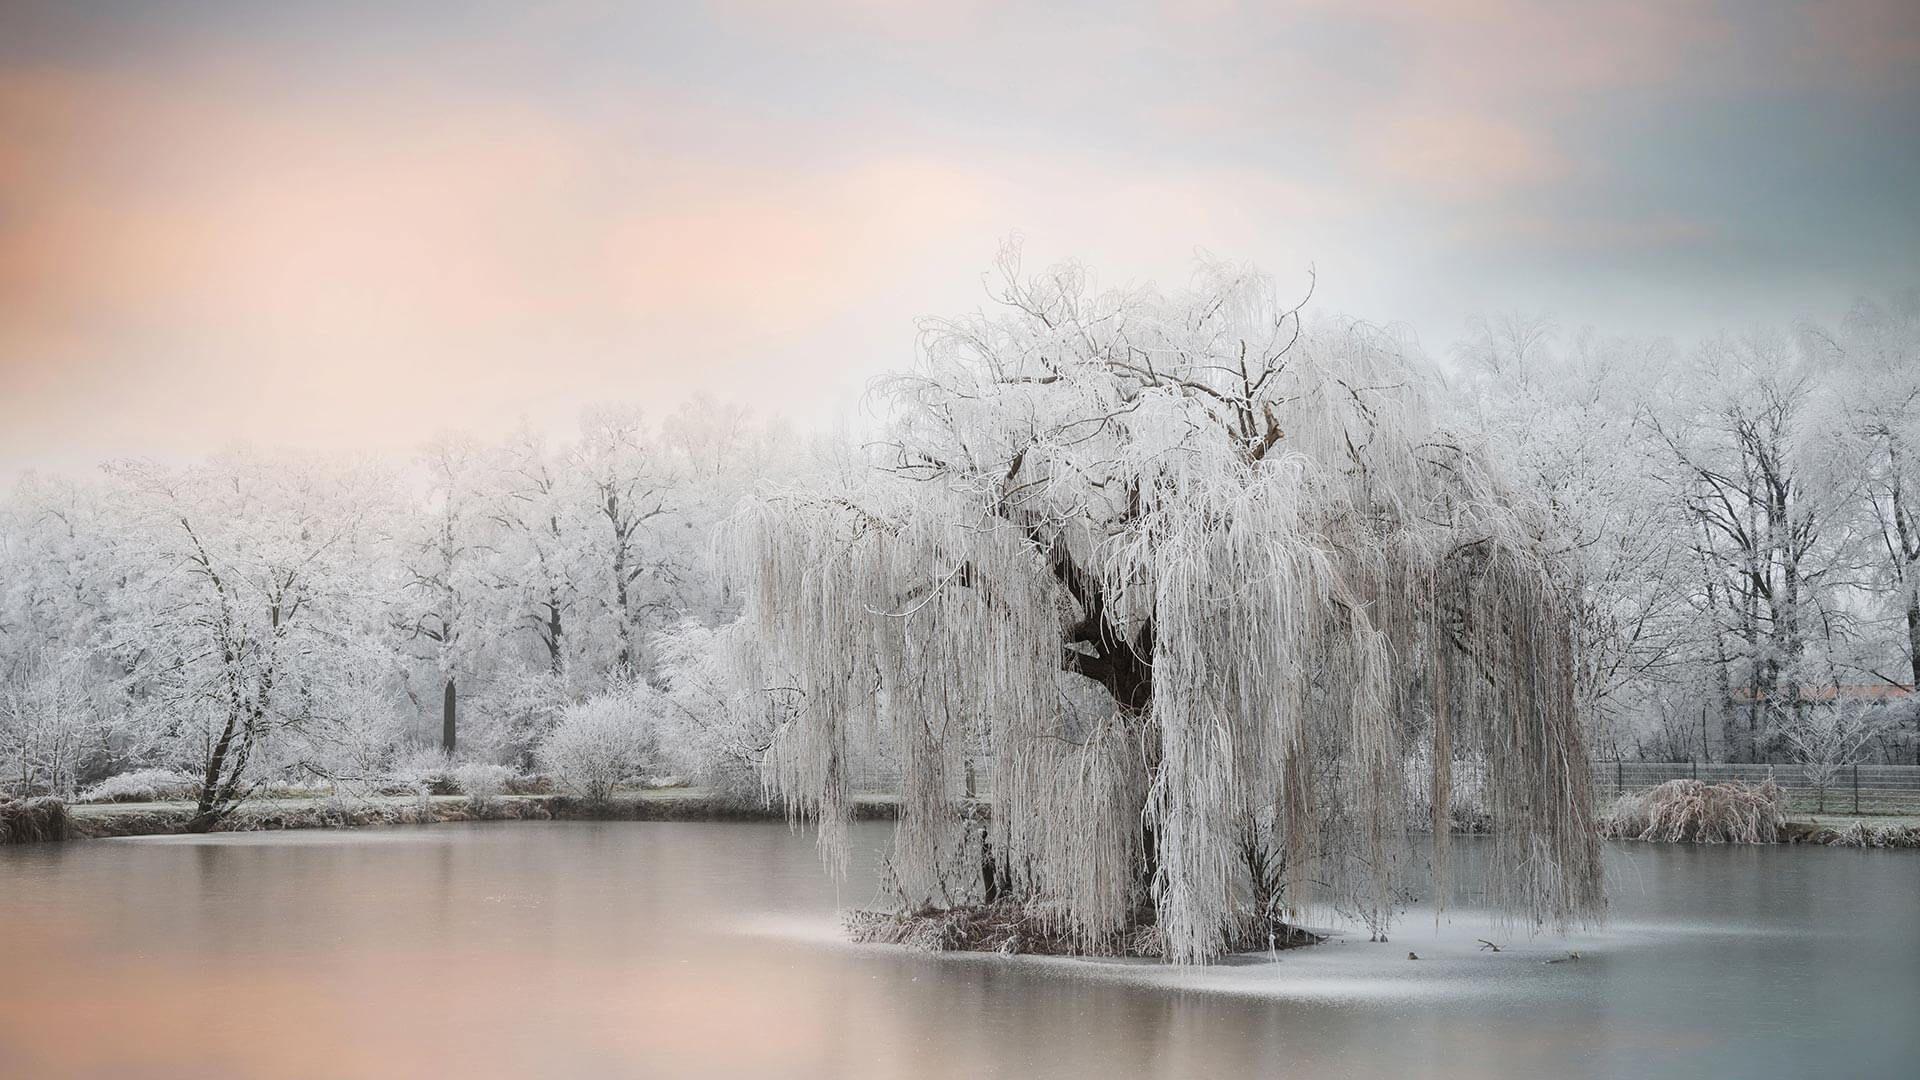 Pin By Alejandra Nunez On Fondos White Canvas Art Best Landscape Photography Winter Landscape